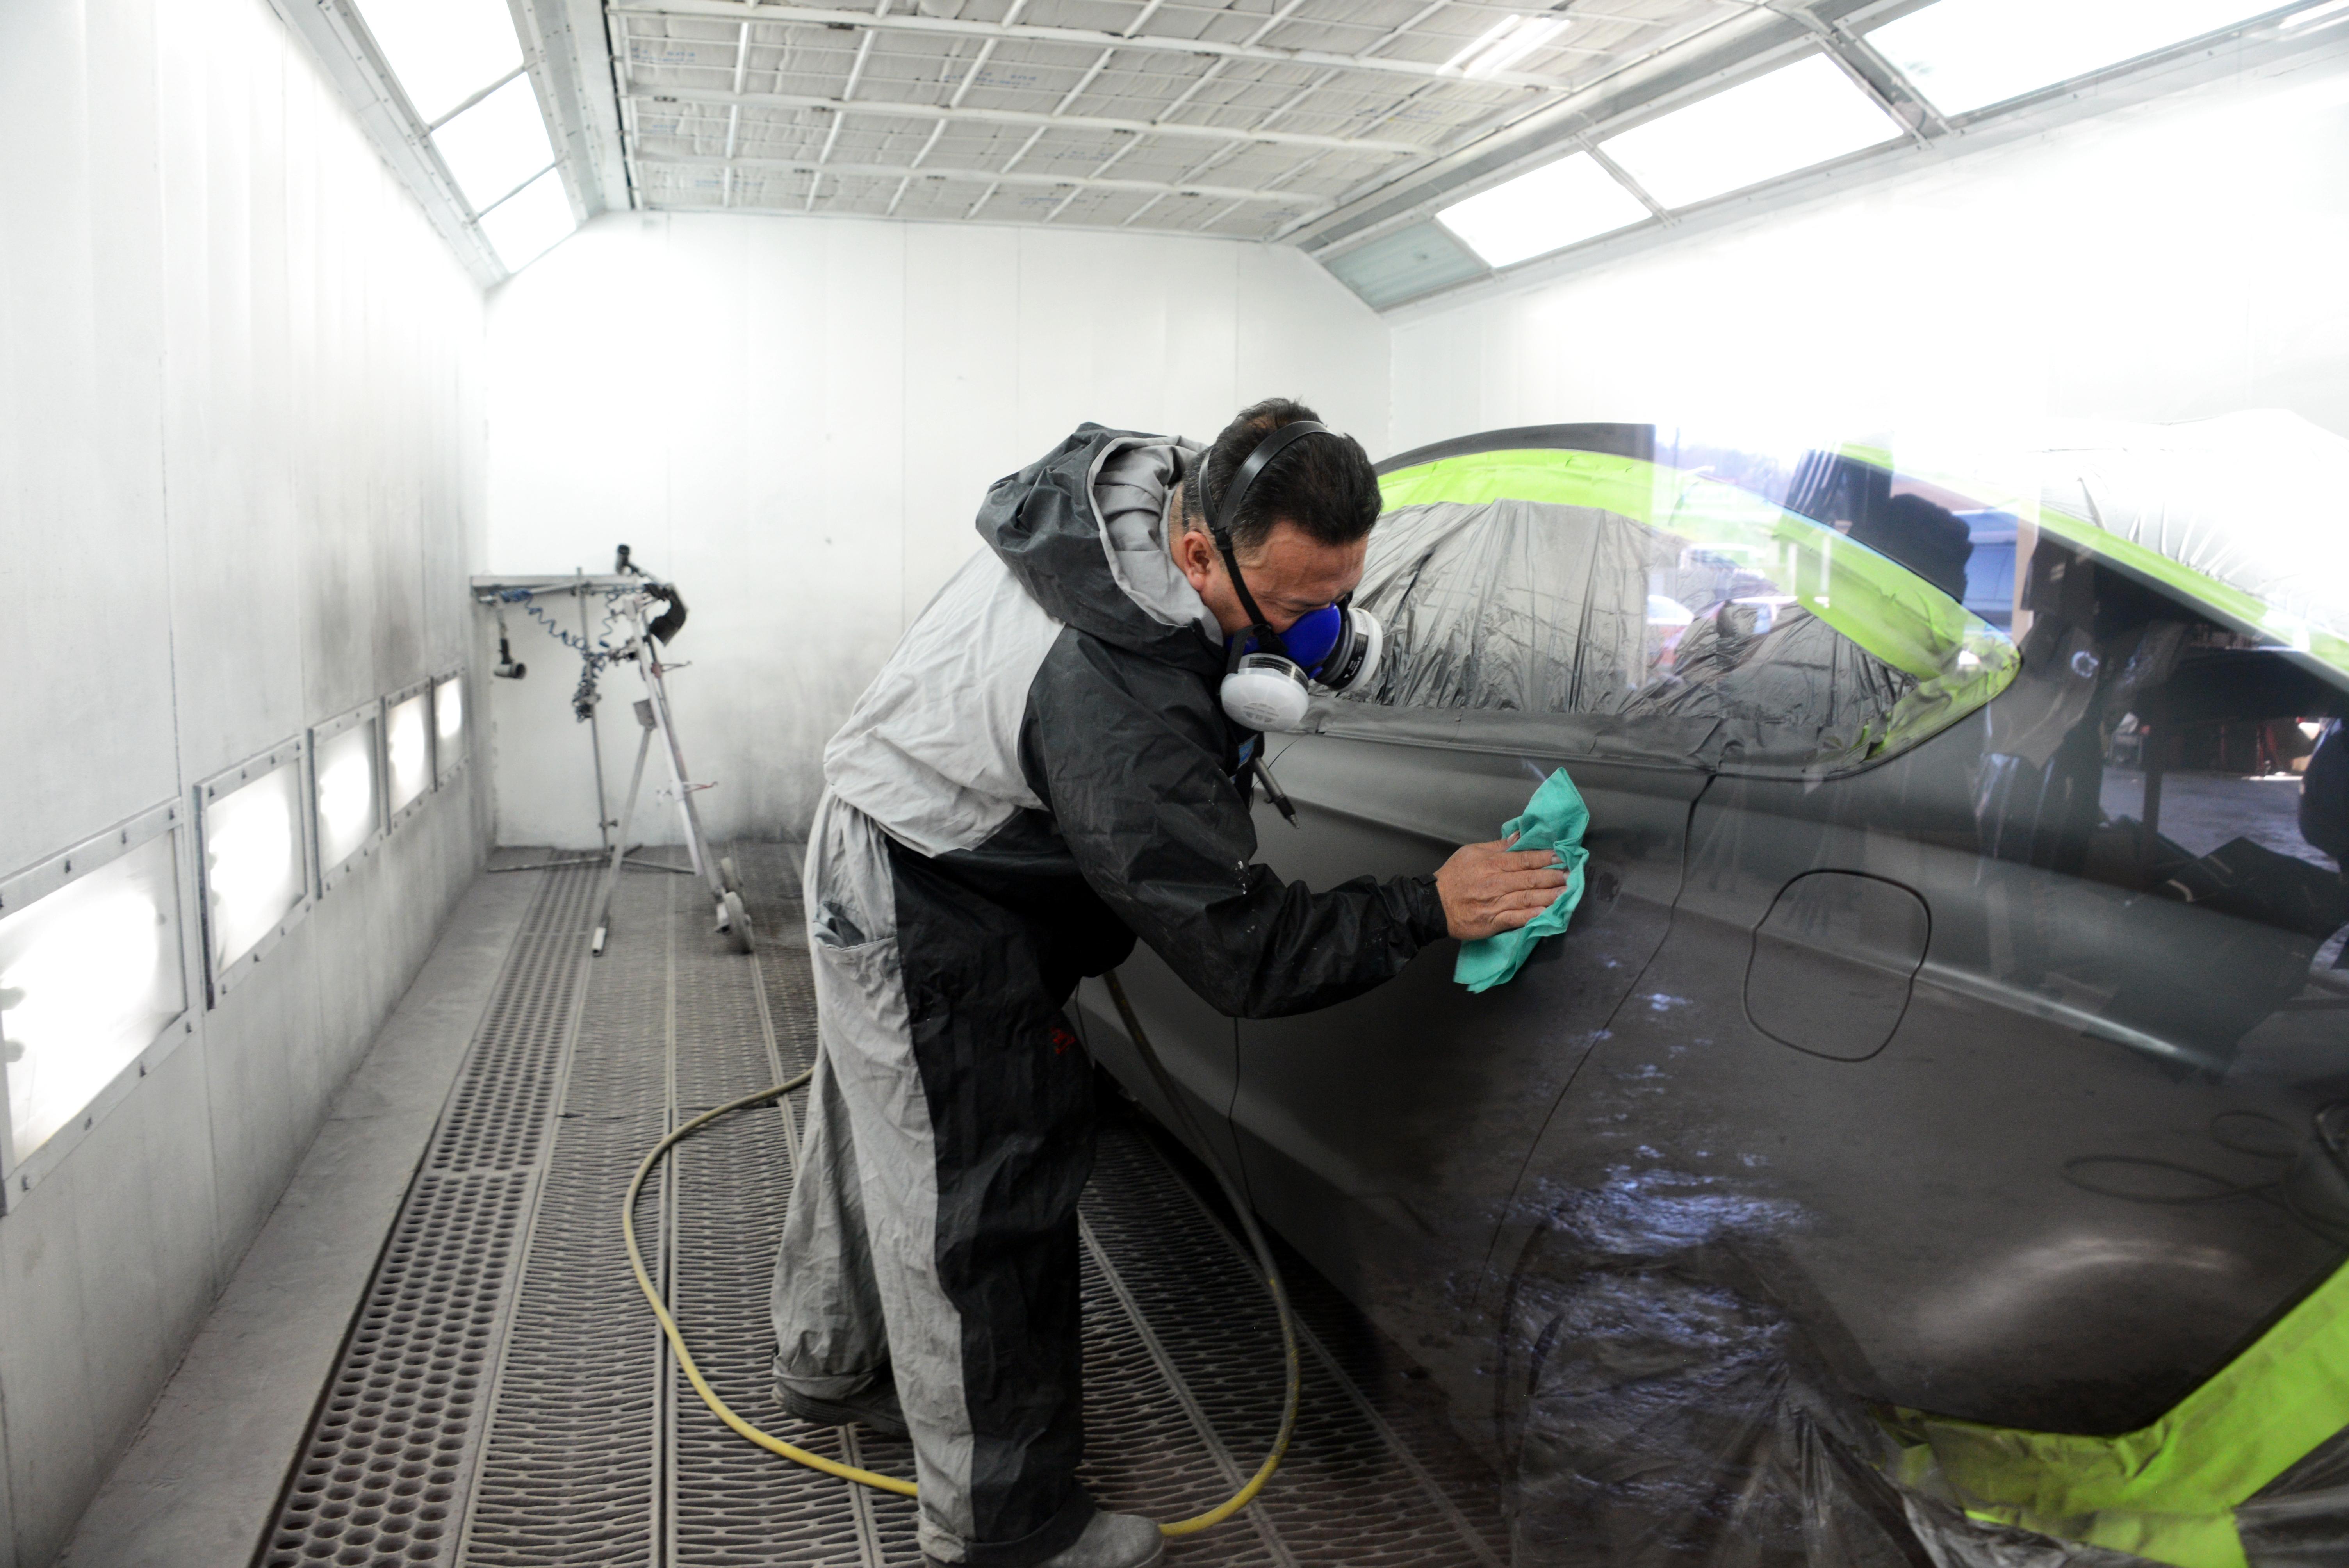 Car repair and painting